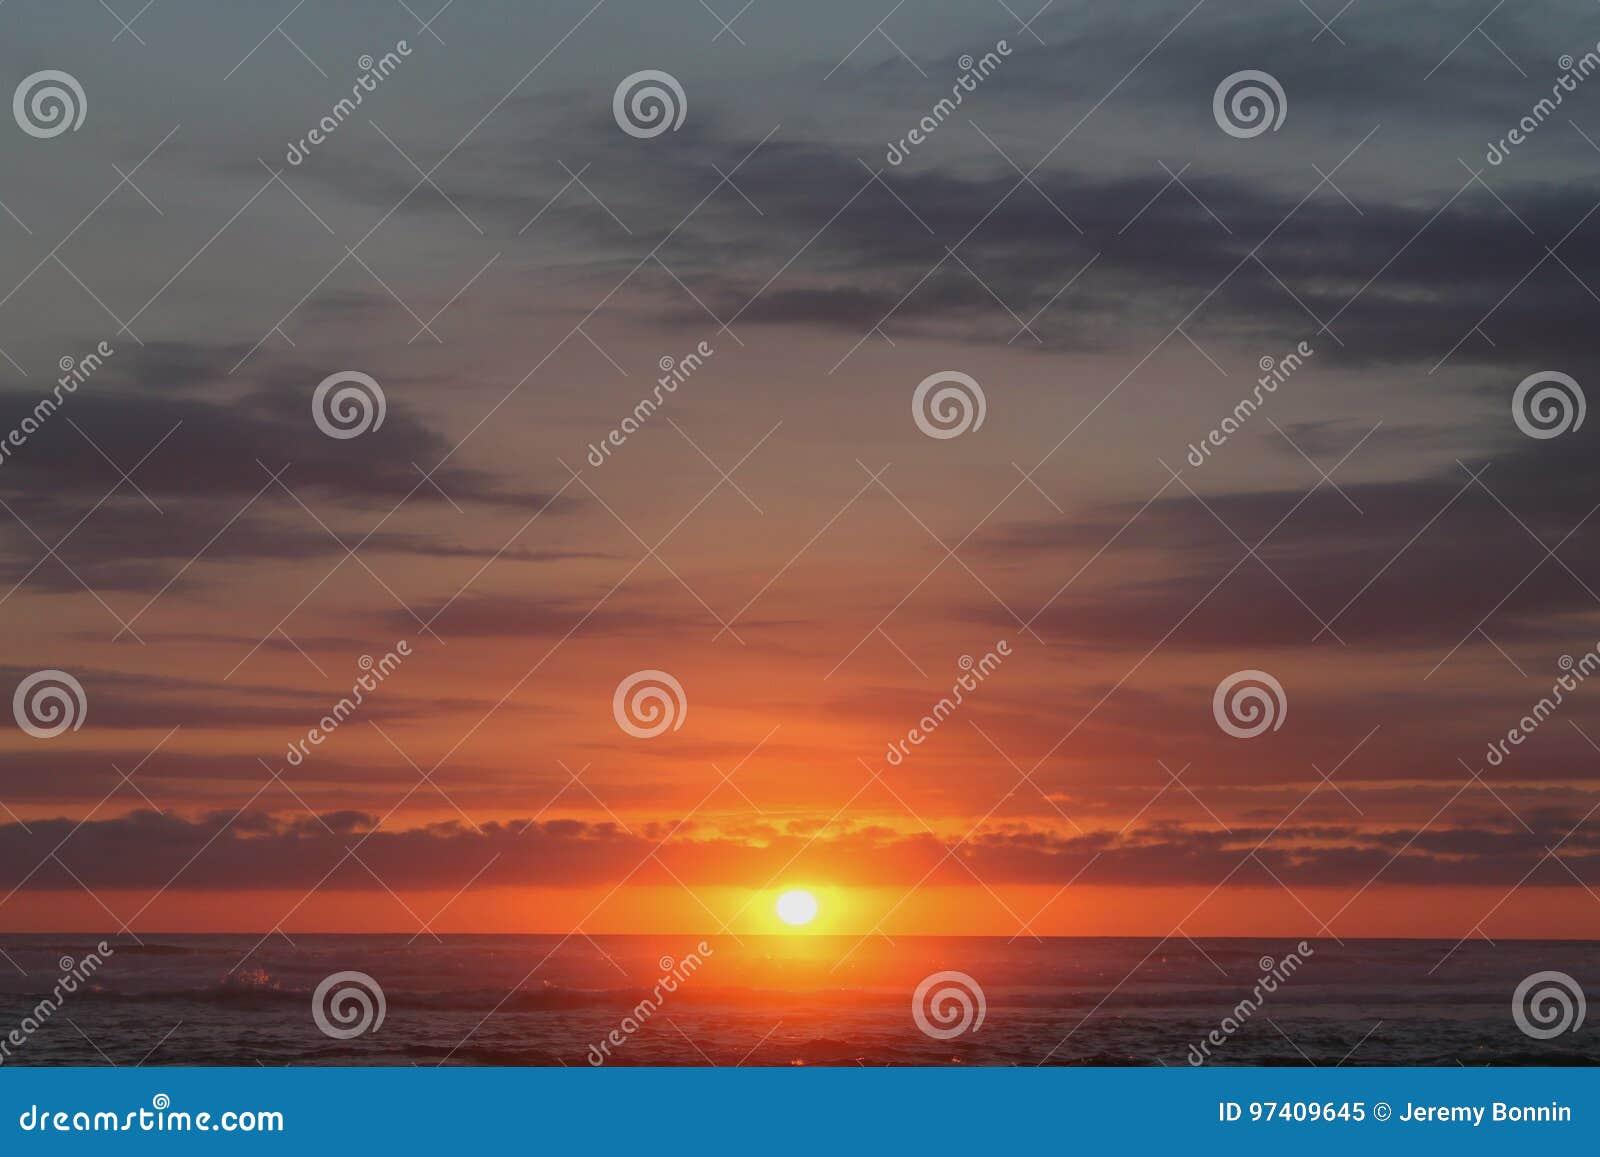 Sonnenuntergang in dem Meer